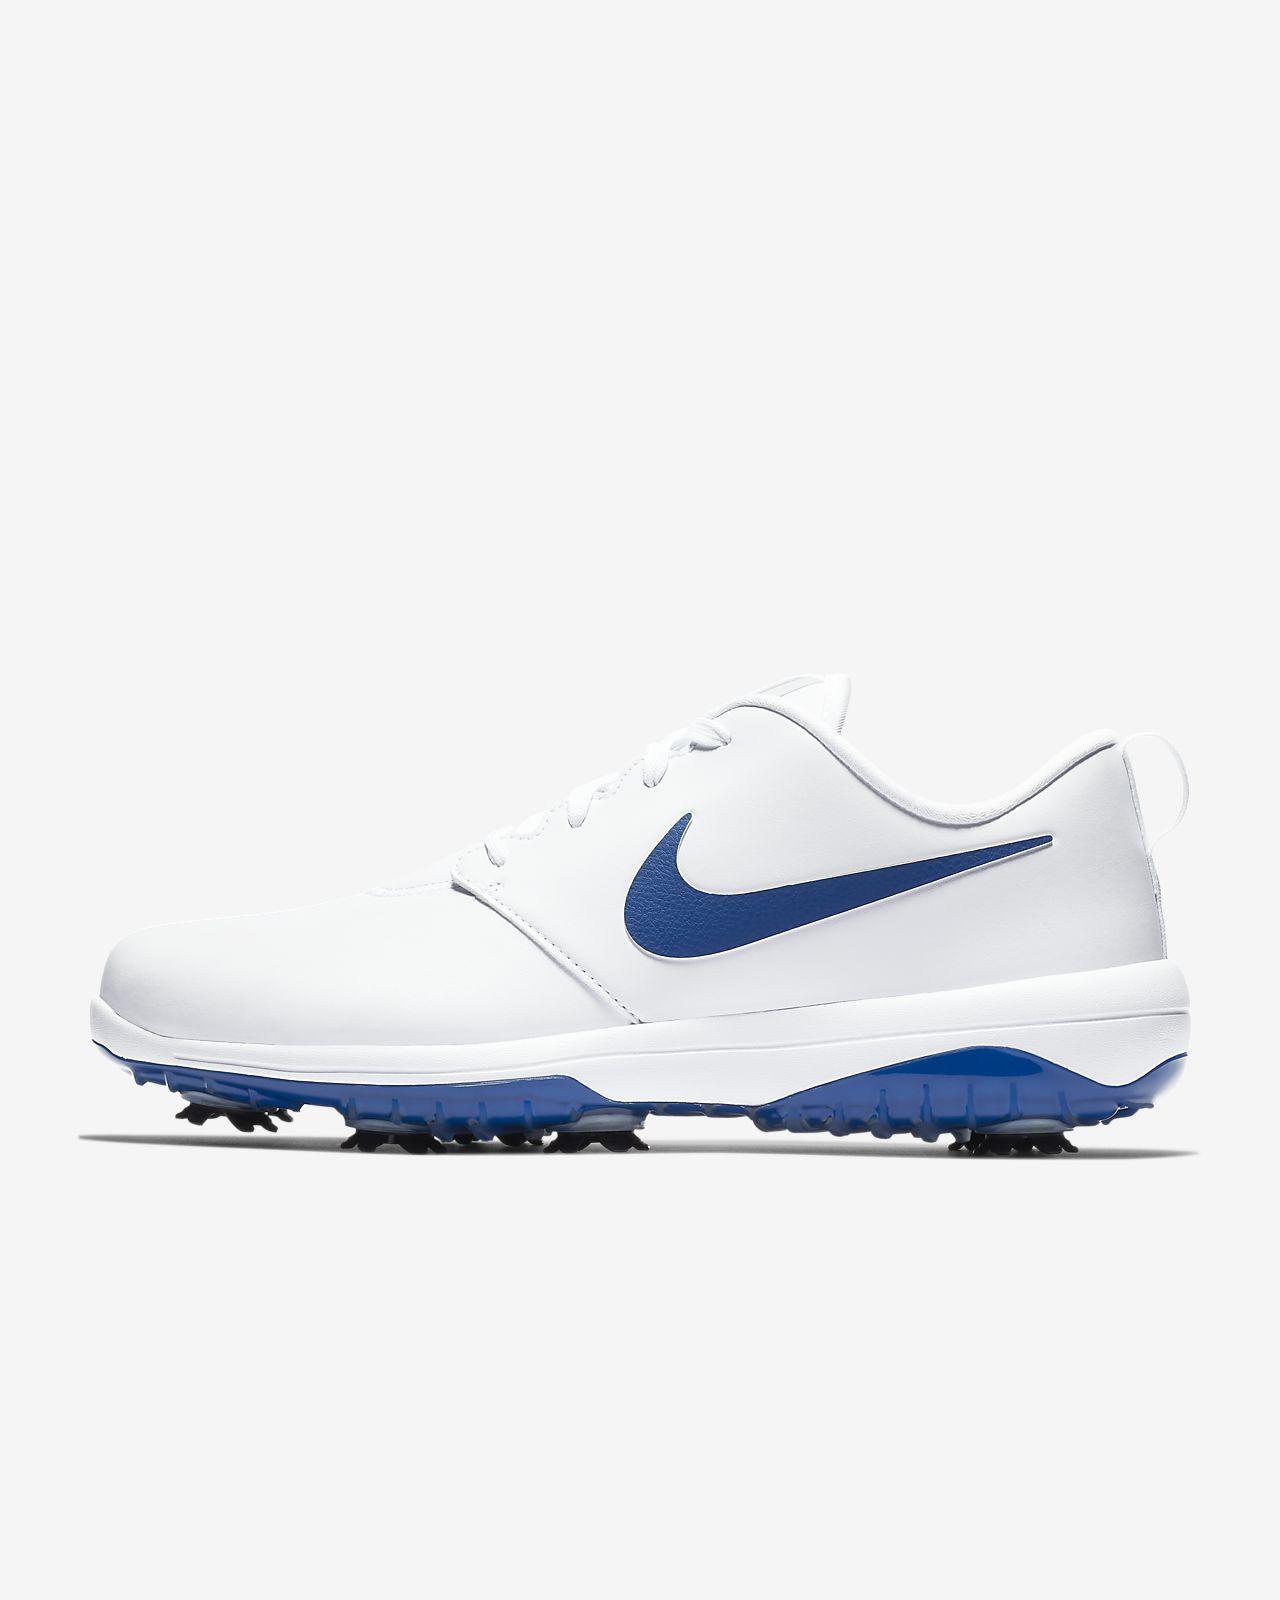 7f026addd58 Nike Roshe G Tour Men s Golf Shoe. Nike.com DK